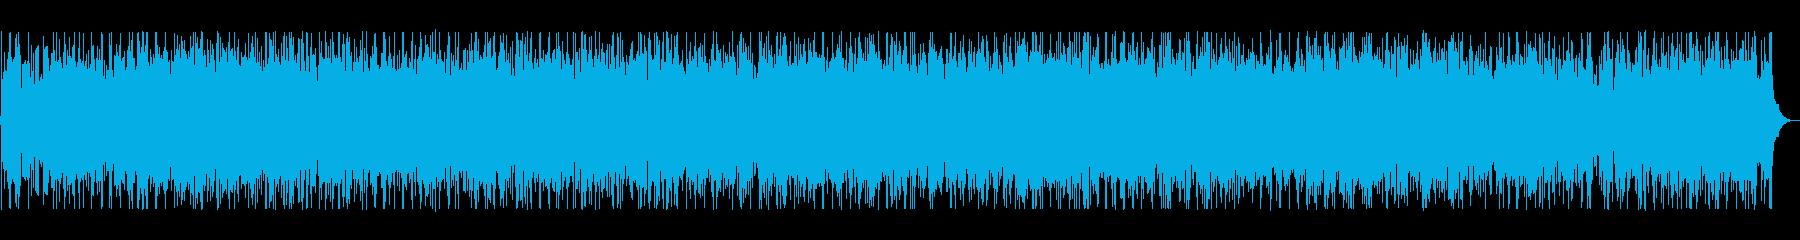 アイリッシュバイオリン[6分間長め]の再生済みの波形